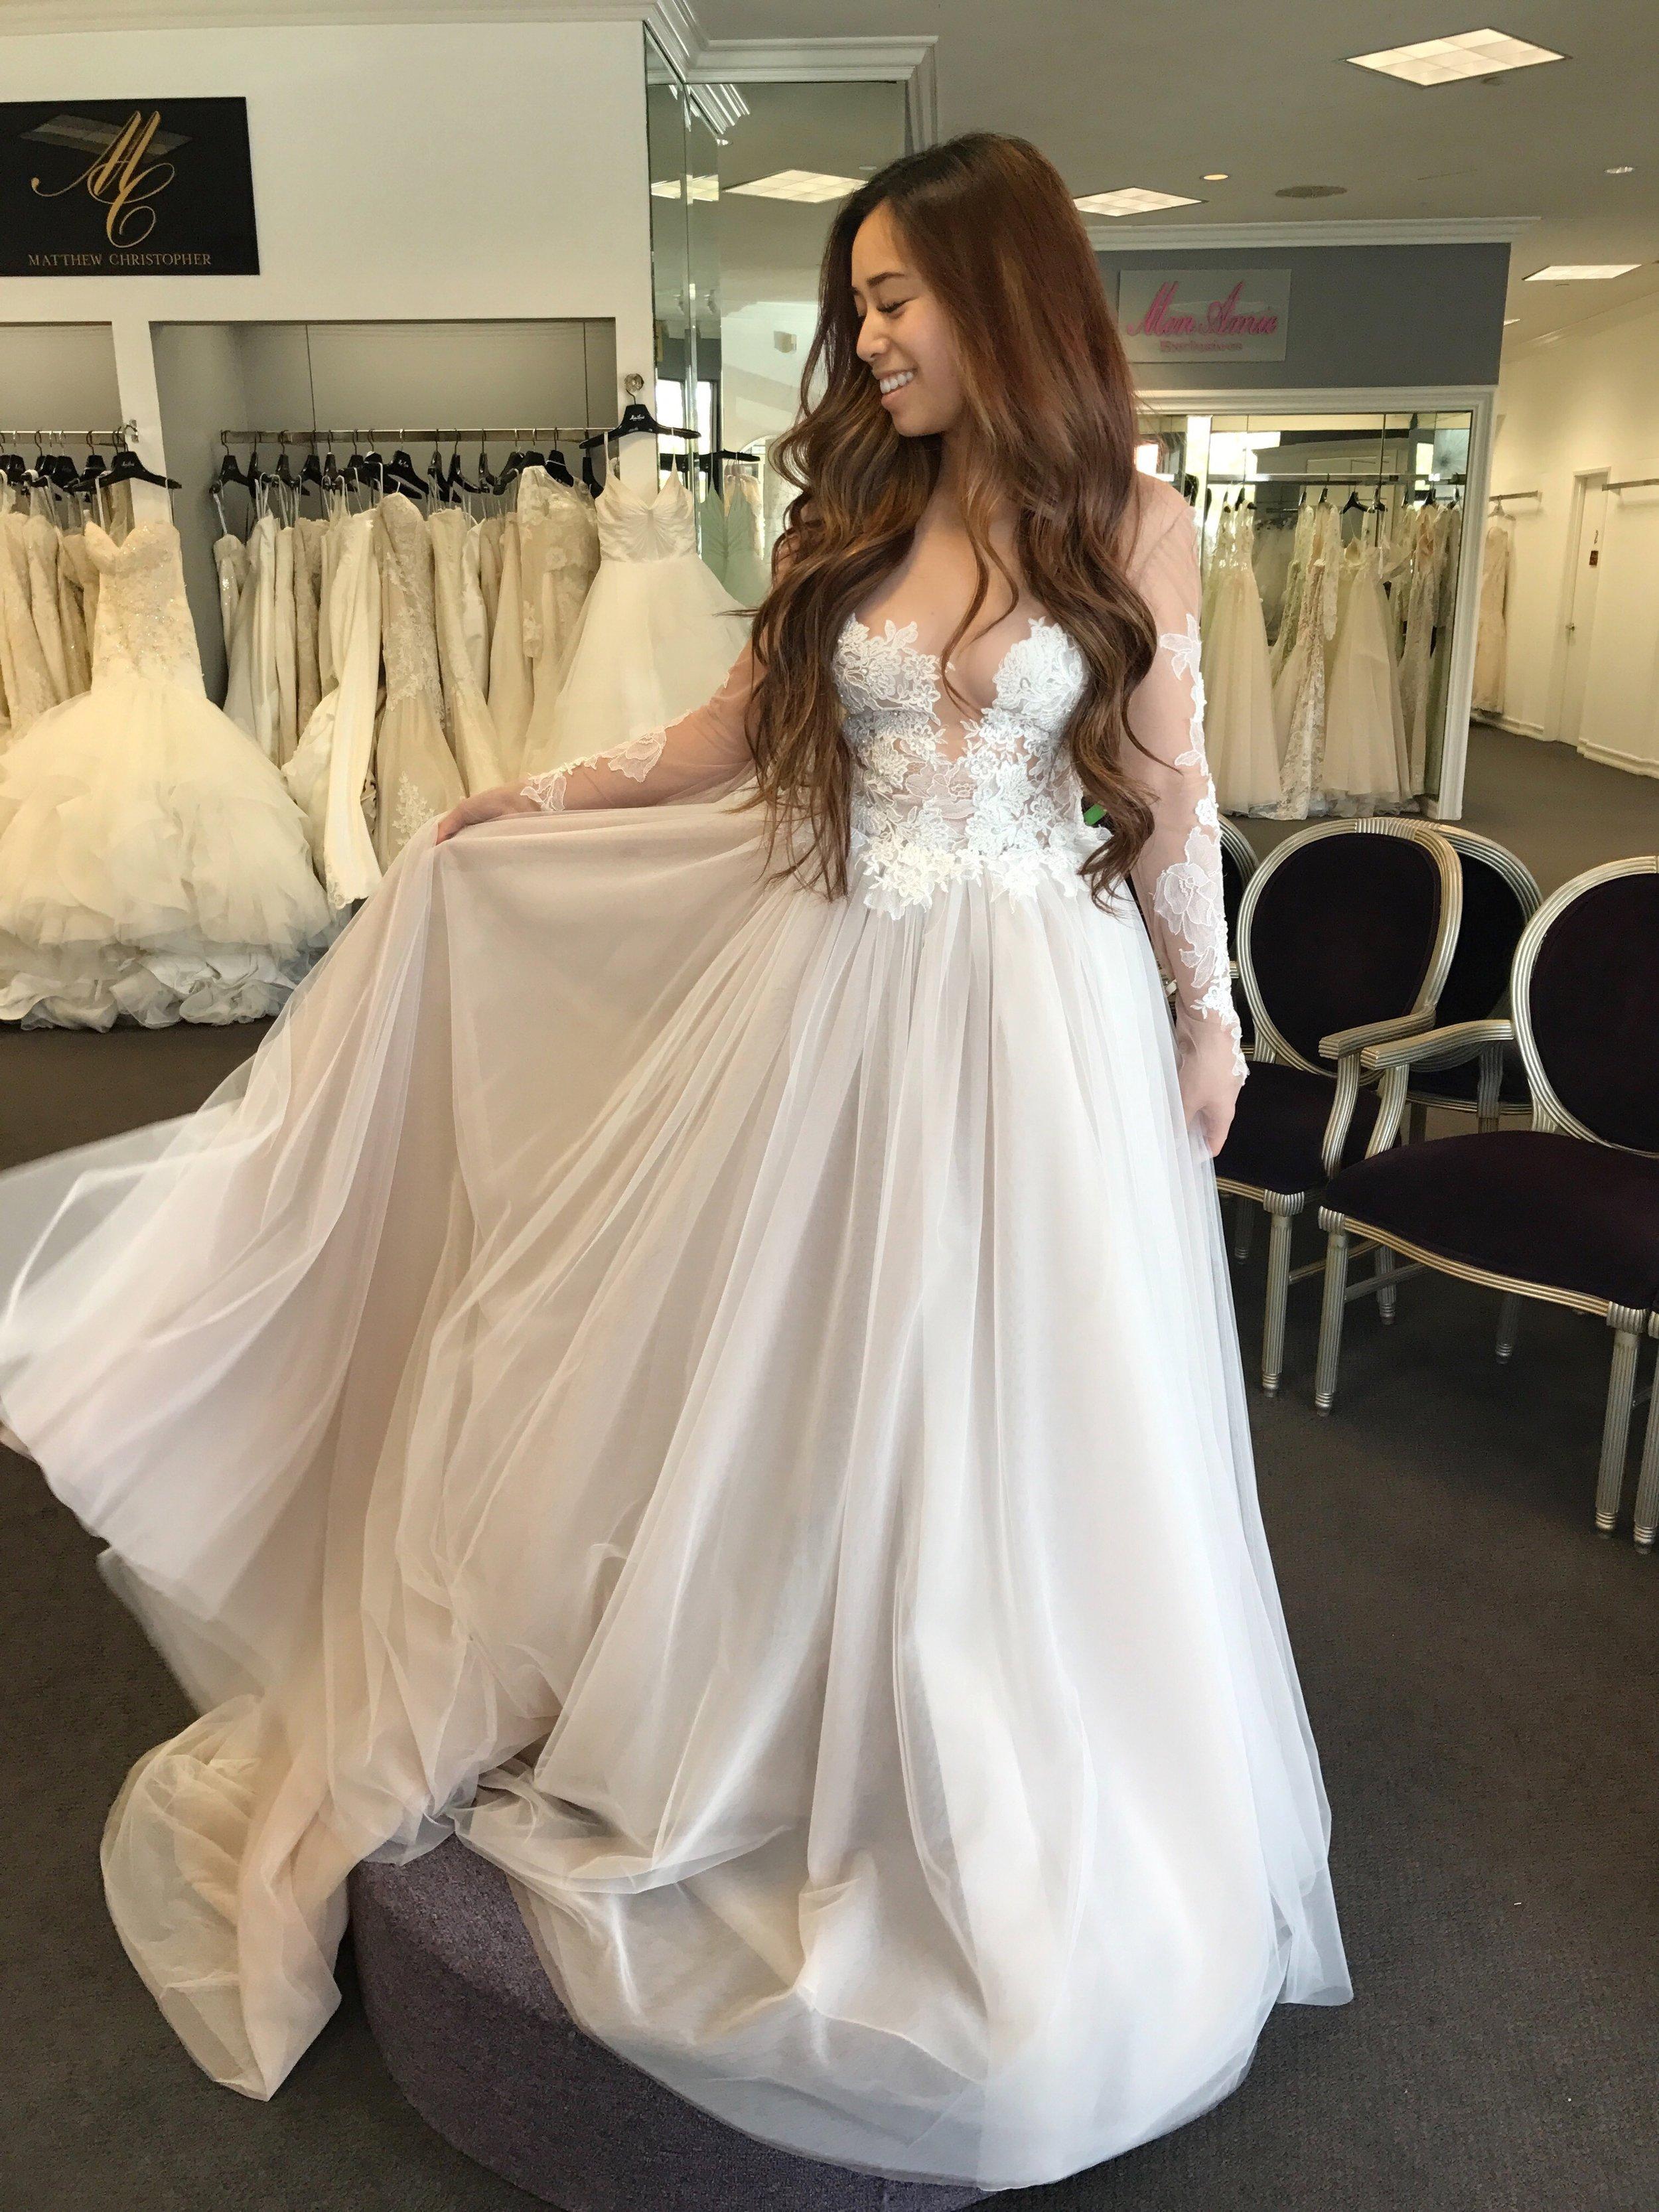 Erin Cole - Mon Amie Bridal Salon